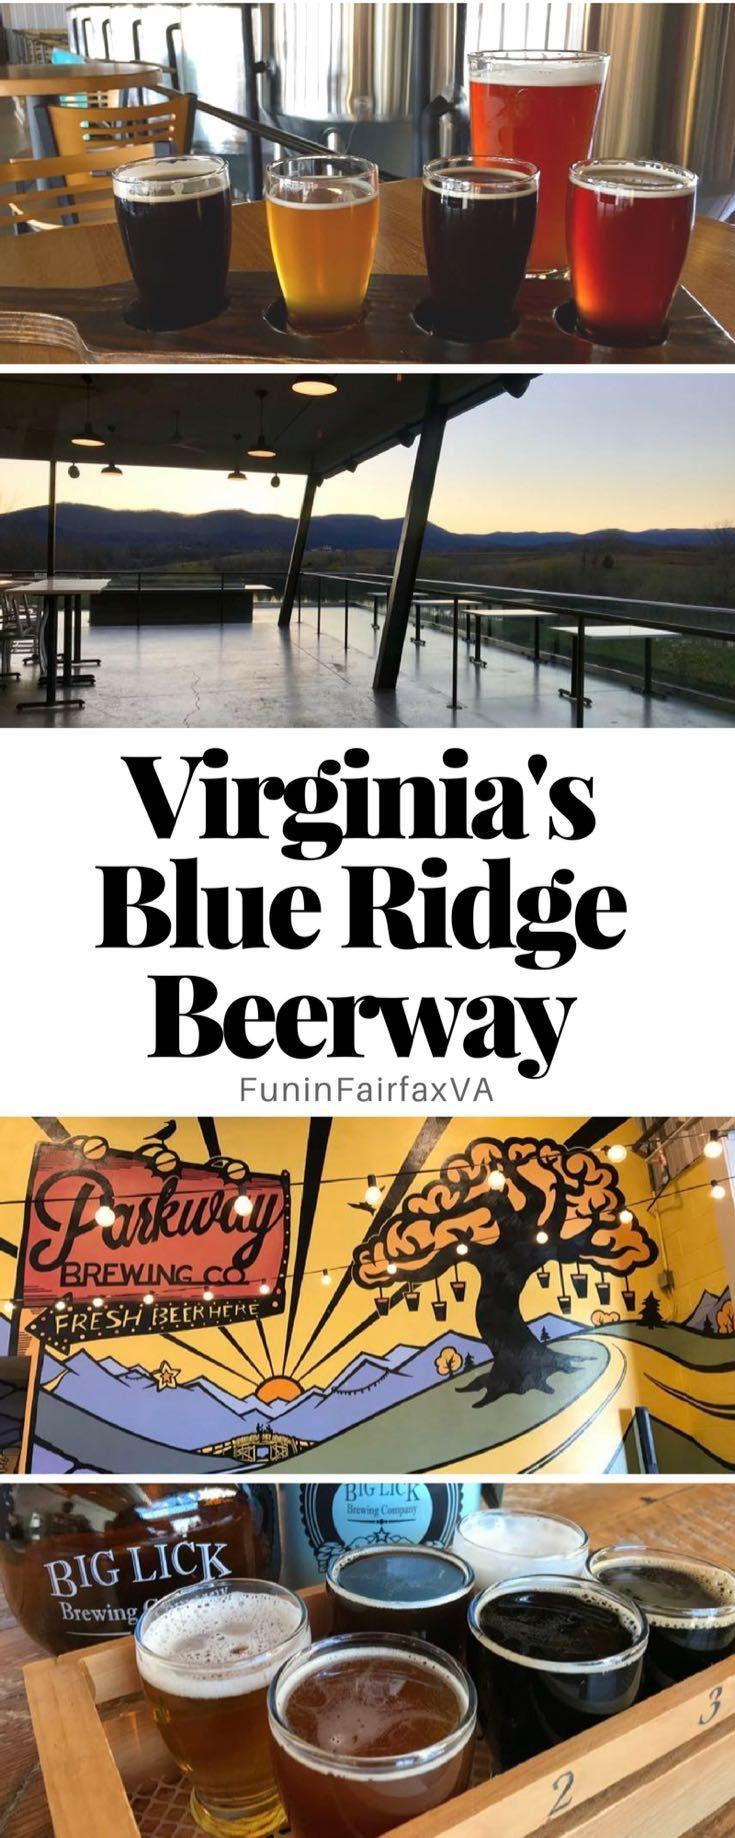 Virginia's Blue Ridge Beerway: Sampling Craft Beer In